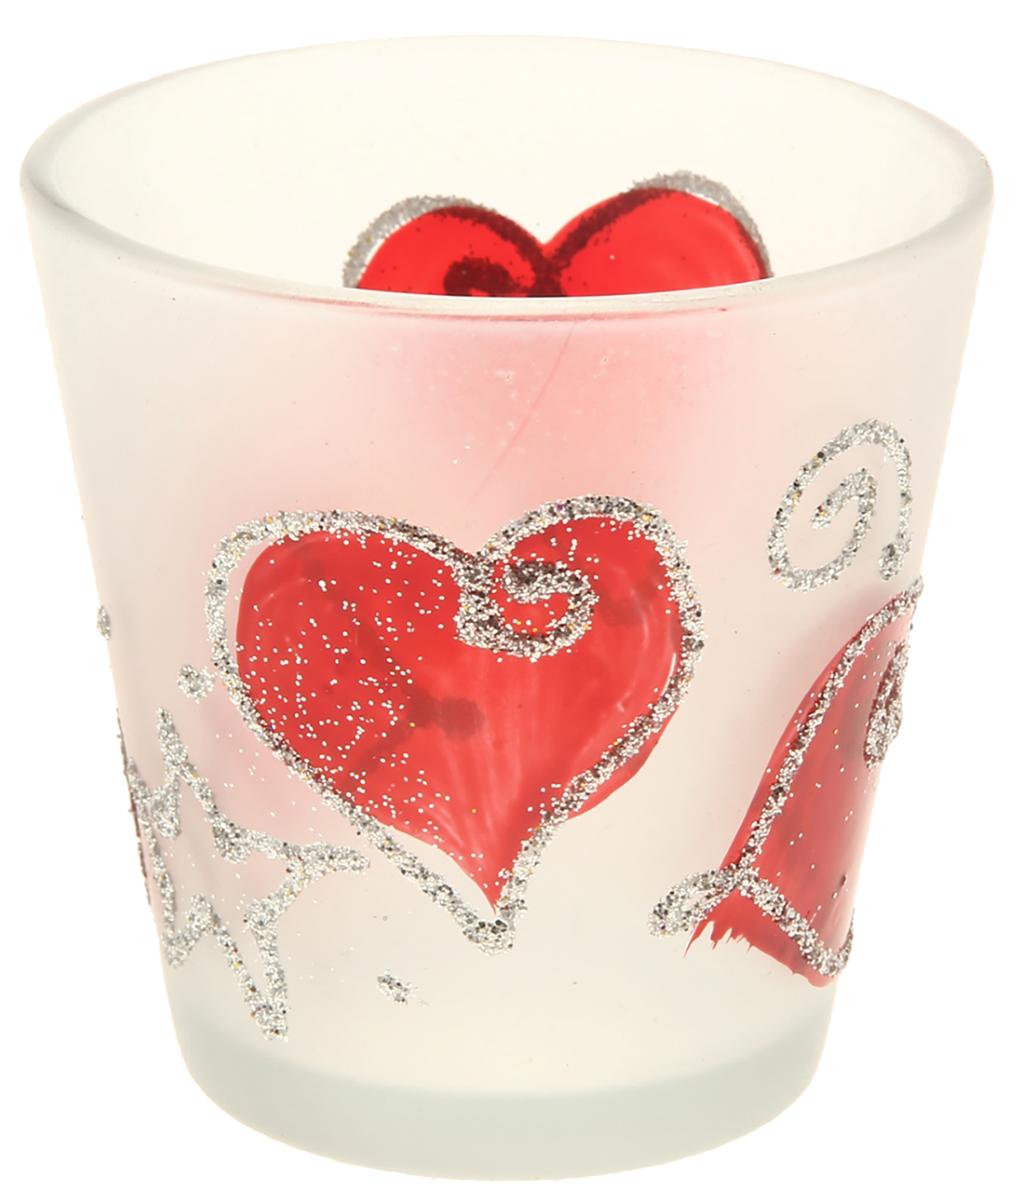 Подсвечник Пылающее сердце, цвет: белый, красный, 4,5 х 6,5 х 6,6 см845448Психологи рекомендуют, для того чтобы расслабиться после тяжелой трудовой недели вамдостаточно зажечь свечи в доме, такой антураж придаст торжественную, праздную и в тожевремя уютную обстановку. Горящая свеча в красивом подсвечнике - это устоявшийся дуэт,прошедший тысячелетия и сегодня такой модный тренд как всегда на пике популярности. Подсвечник Пылающее сердце изысканный, загадочный и романтичный спутник свечи. Помните, горящая свеча в красивомподсвечнике вызывает только положительные эмоции и способствует вашему психо- эмоциональному комфорту.